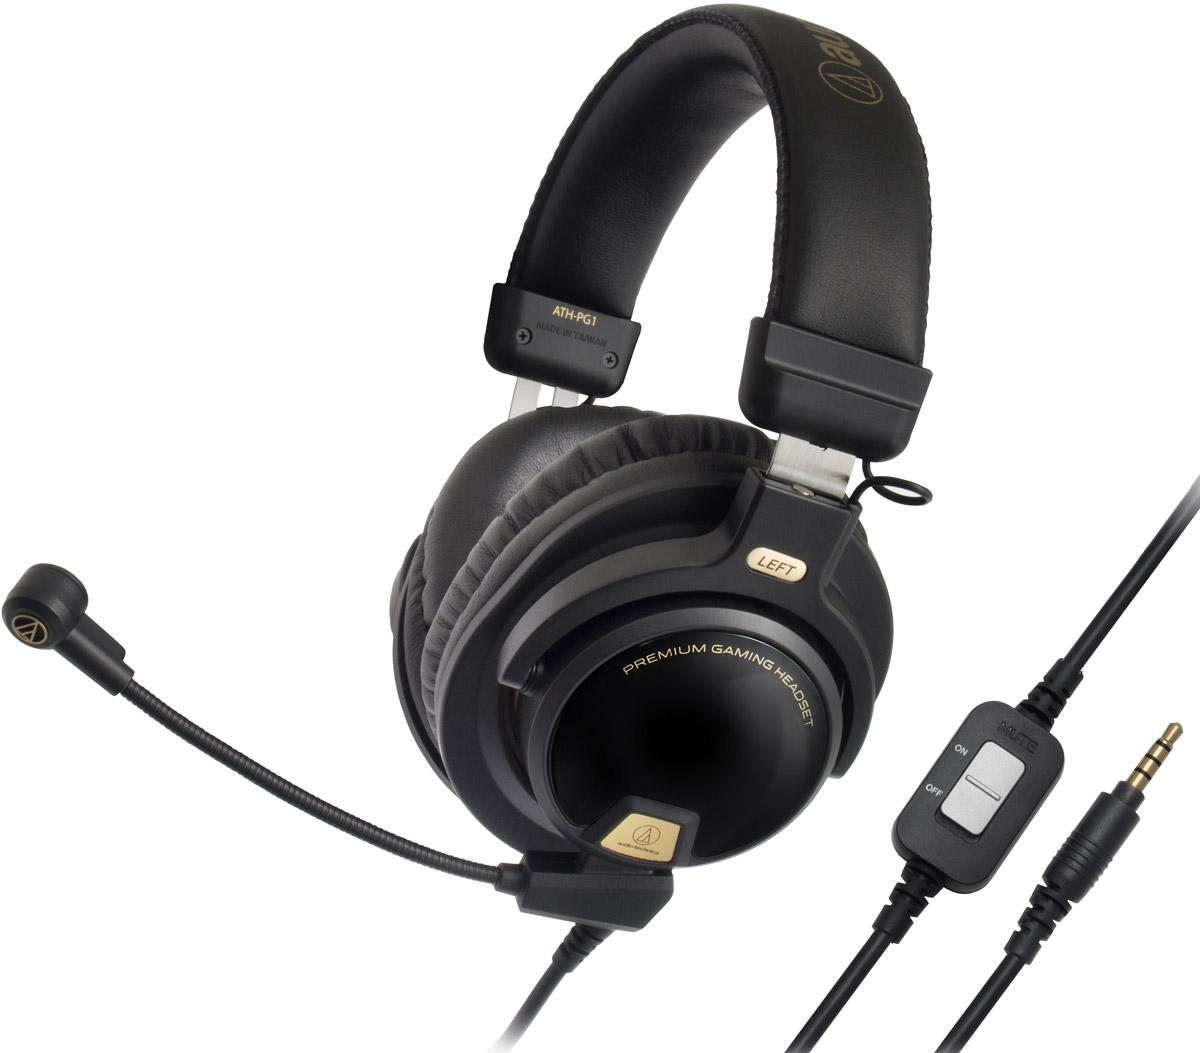 Audio-Technica ATH-PG1 игровые наушники15118120Audio-Technica ATH-PG1 – домашняя гарнитура закрытого типа для компьютерных игр, телефонии и прослушивания музыки. Большие 44-мм драйверы обеспечивают мощный, живой звук и подчеркивают каждую акустическую деталь игрового окружения. Гарнитура изготовлена из легких материалов, она имеет мягкие кожаные оголовье и амбушюры, что позволяет комфортно играть длительное время. ATH-PG1 имеет съёмный кабель, в комплекте идут три шнура, в том числе с микрофонами для смартфонов и для игр. Игровой микрофон выполнен на гибкой ножке и сочетается с функцией отключения звука и управления громкостью. Кристально чистая голосовая связь обеспечена!Живой звукМягкая кожа и лёгкие материалы обеспечивают комфорт и свободу в использованииУзконаправленный микрофон на гибкой ножкеФункция отключения звука и управления громкостью микрофона